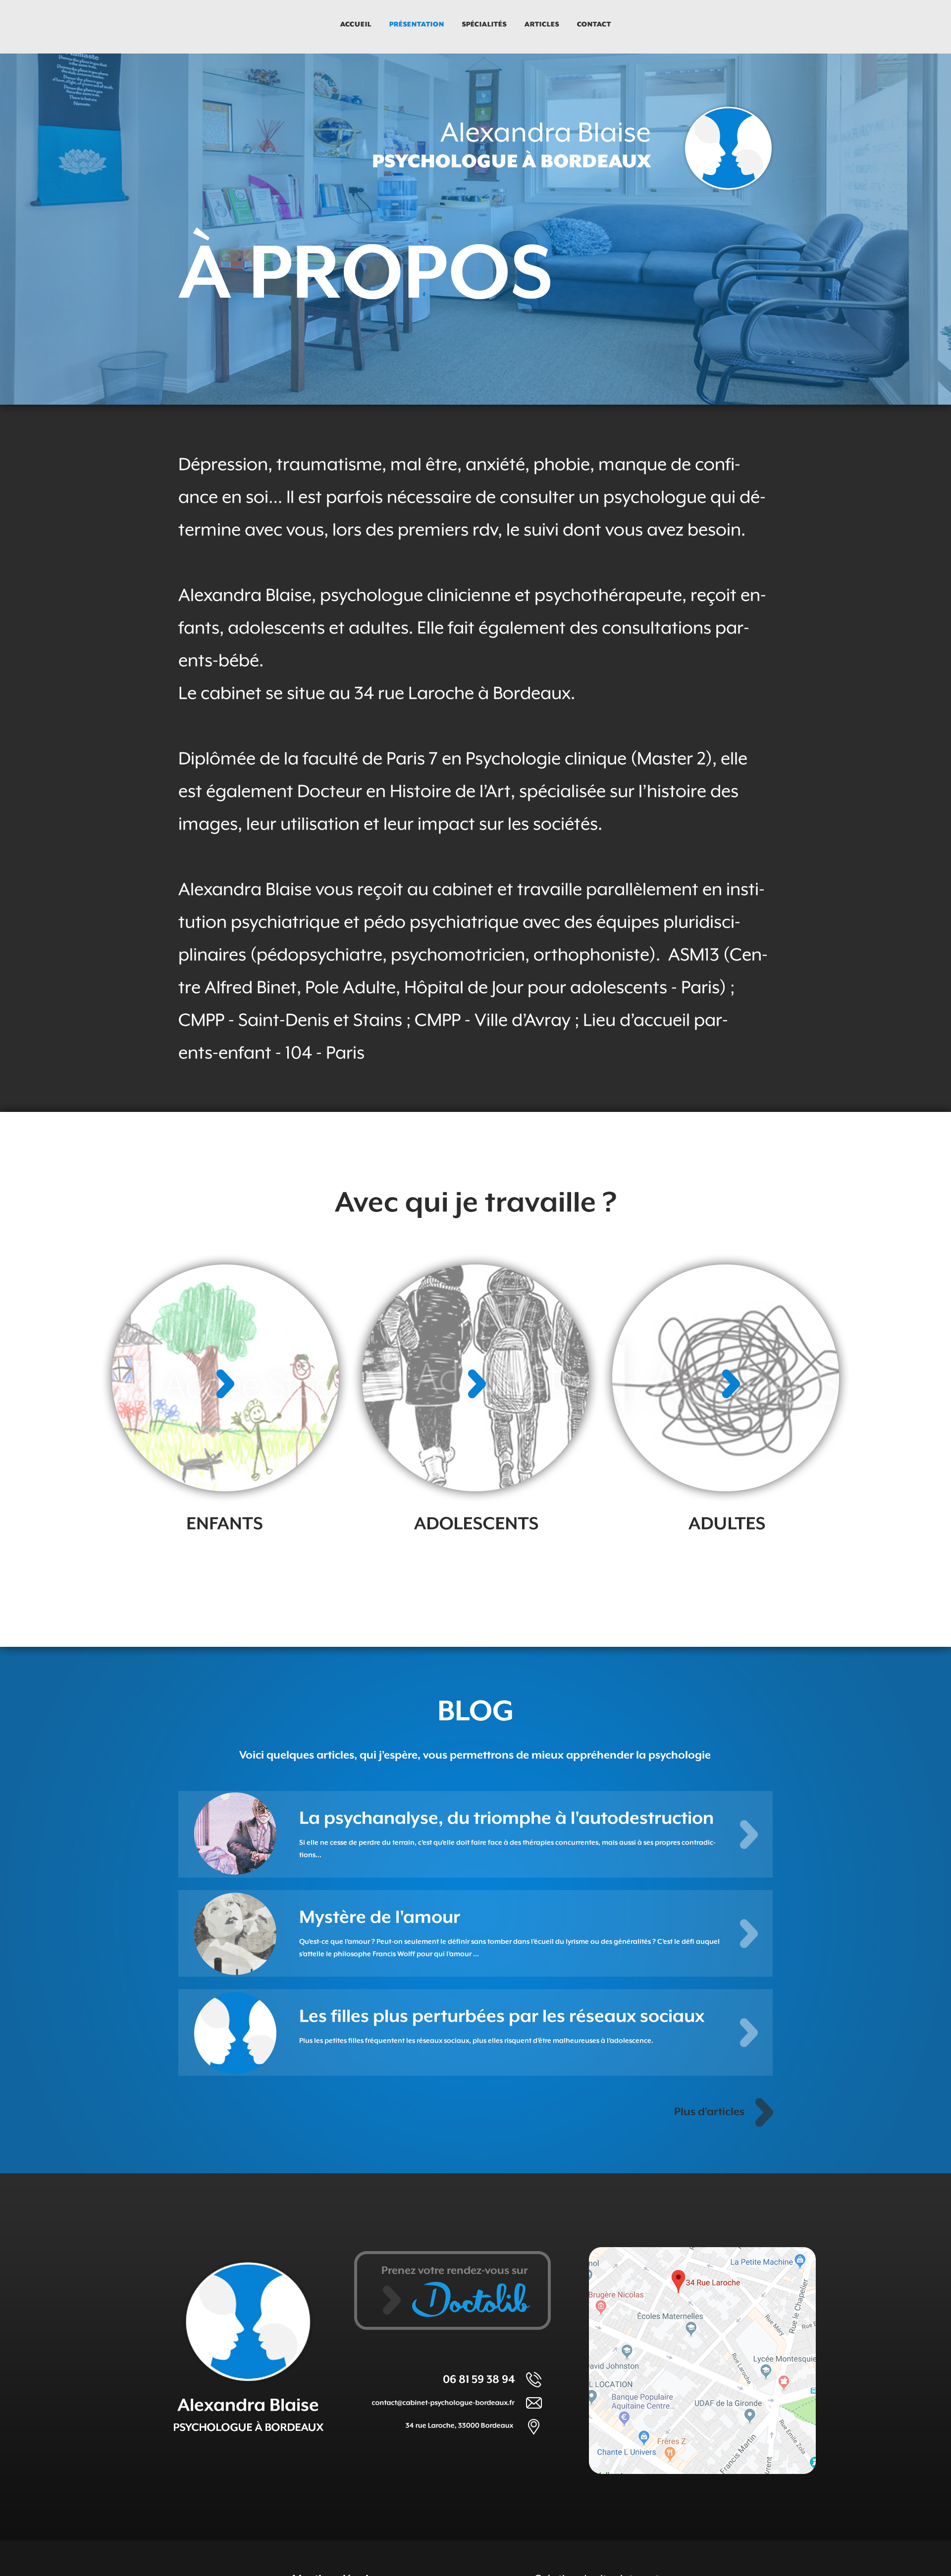 Maquete de la page à proposdu site internet d'Alexandra Blaise psychologue